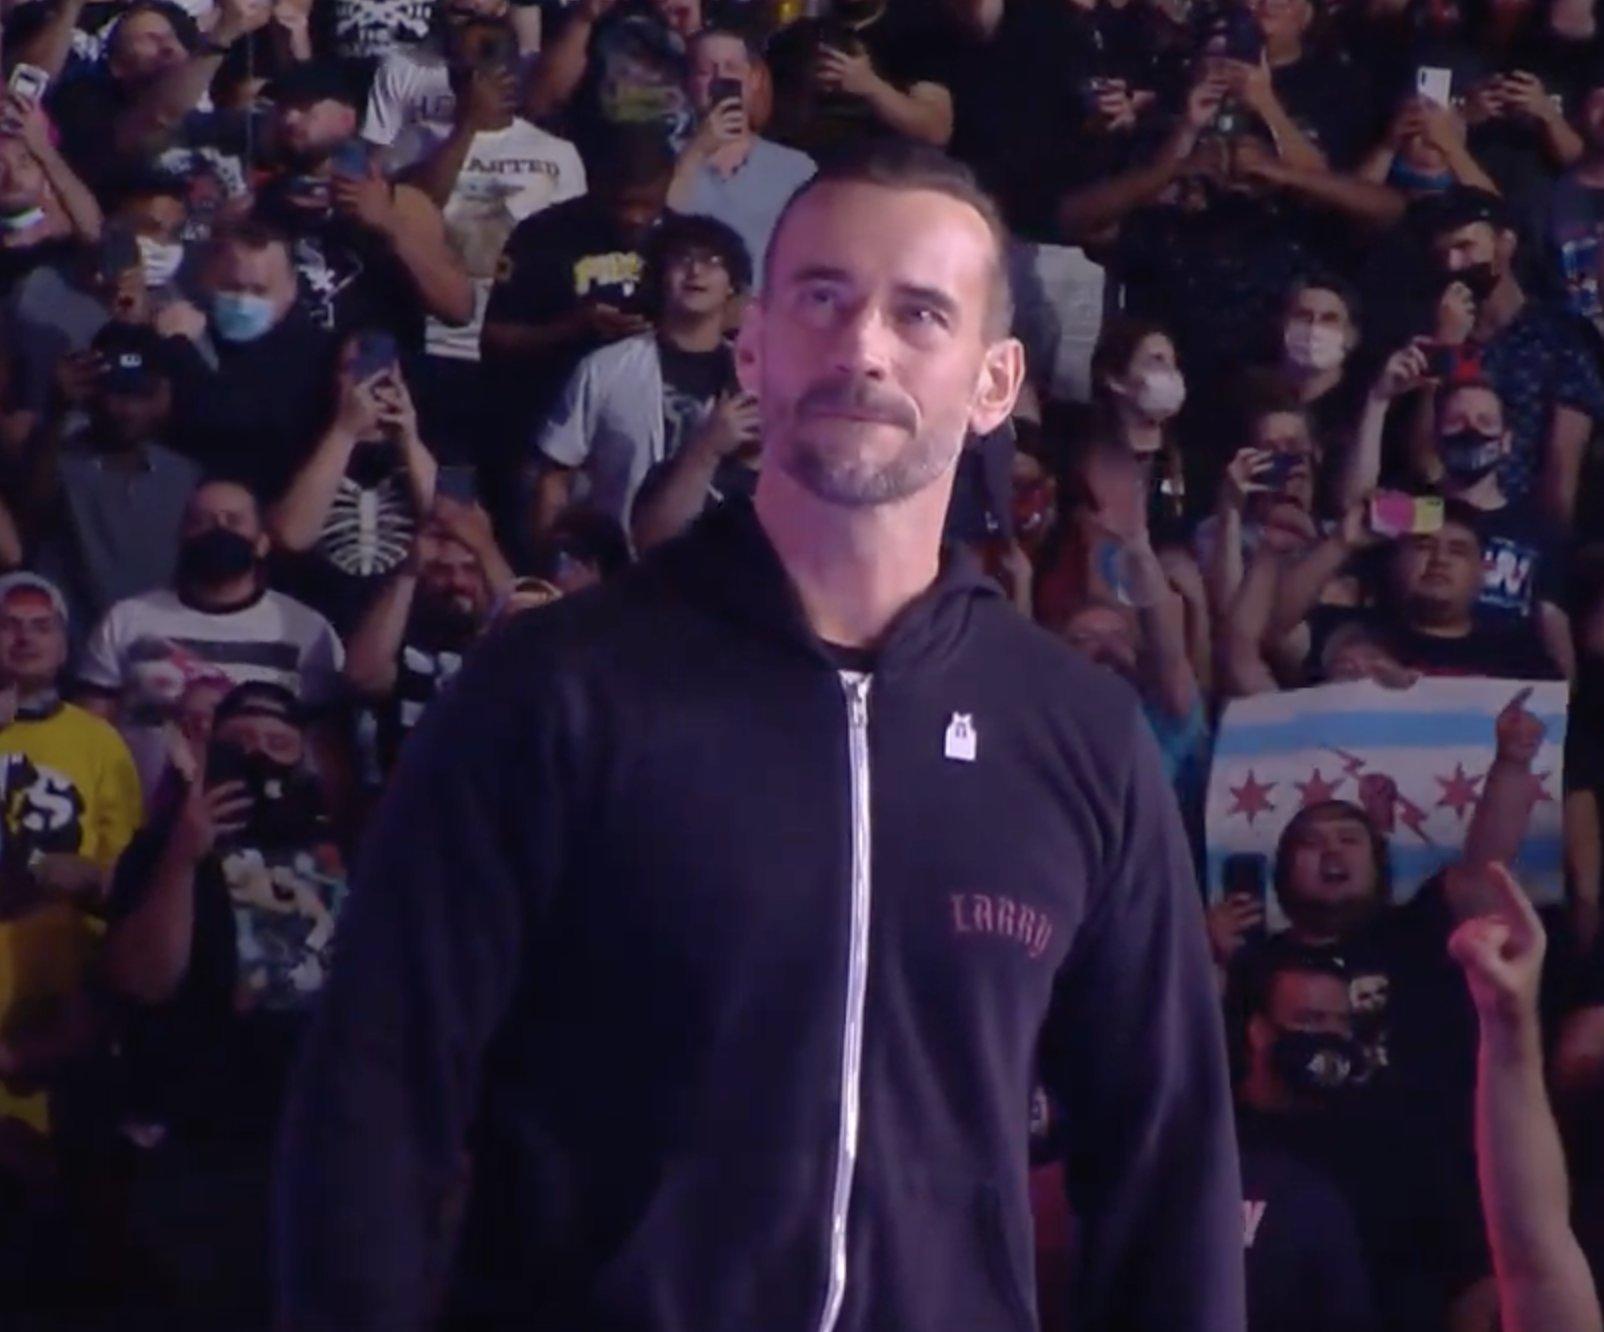 CM Punk AEW Debut Video